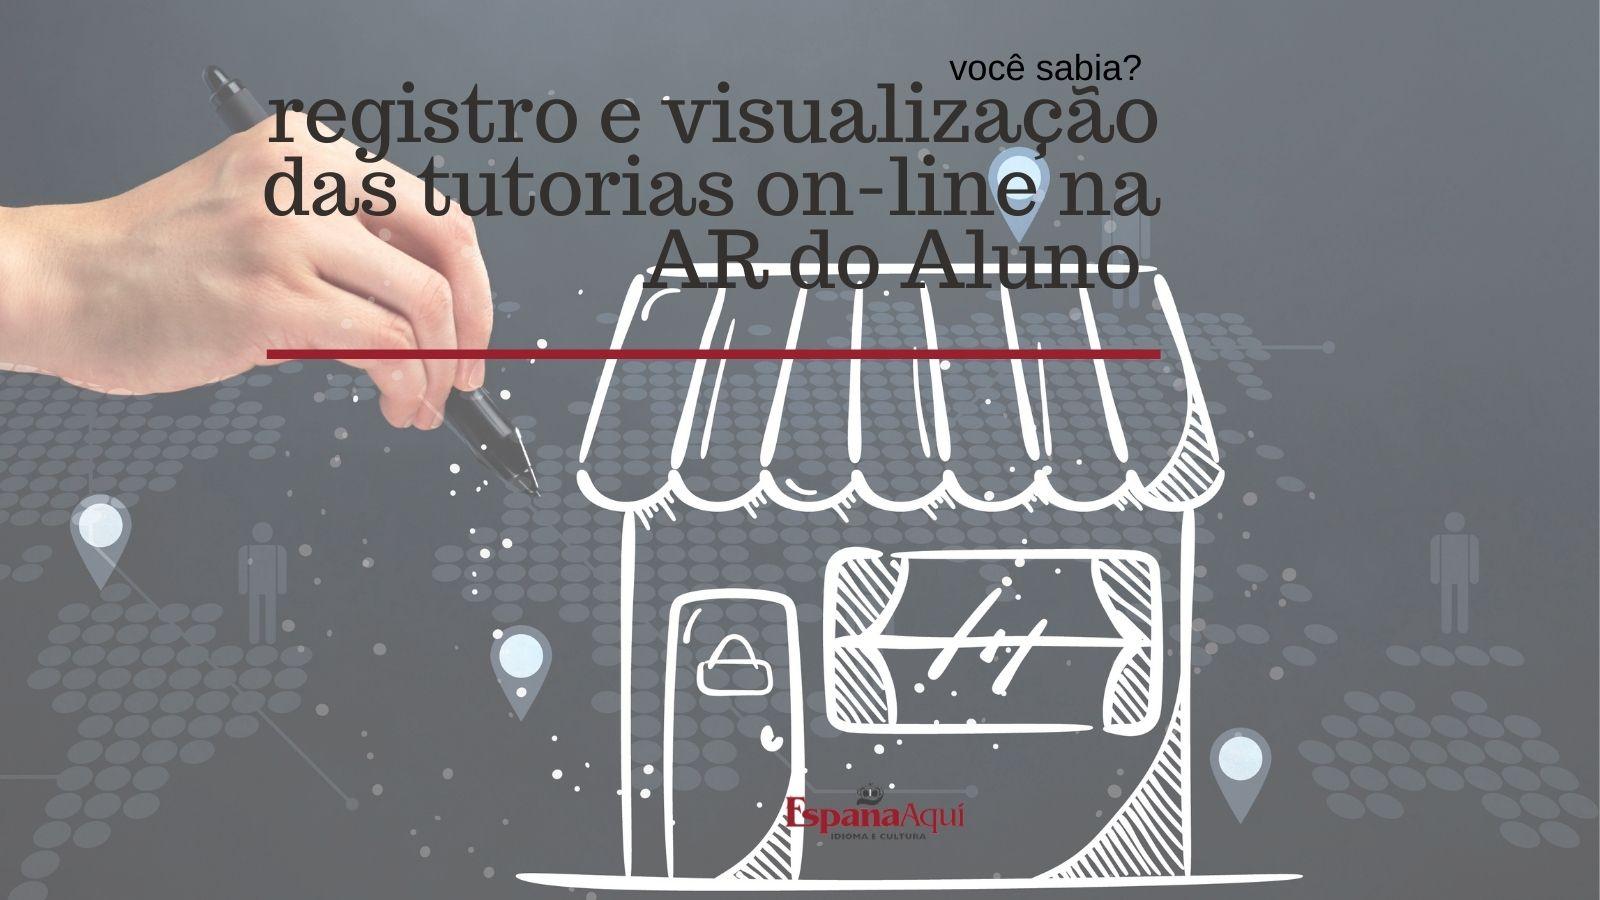 https://www.espanaaqui.com.br/pdf/fevereiro%202021/C%c3%b3pia%20de%20o%20melhor%20da%20Espa%c3%b1aAqu%c3%ad.%20%20registro%20e%20visualiza%c3%a7%c3%a3o%20tutorias.jpg